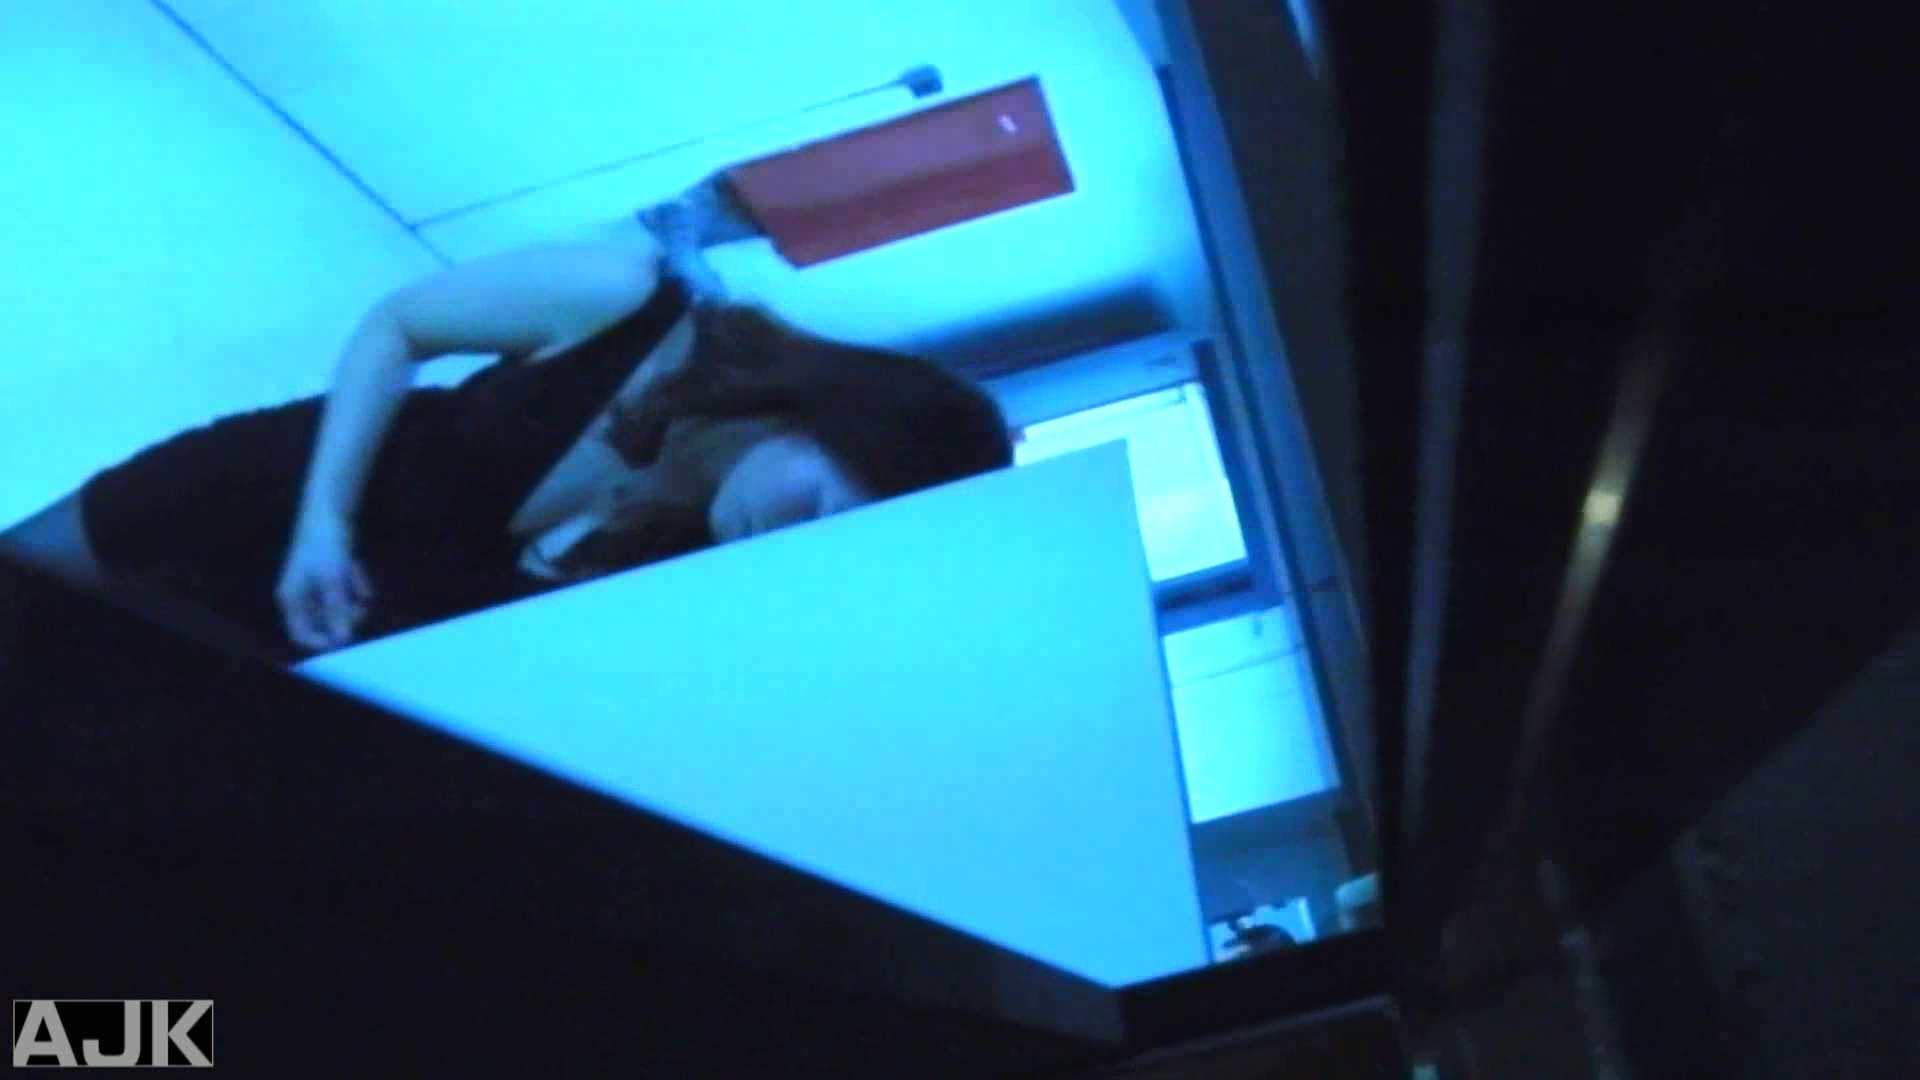 隣国上階級エリアの令嬢たちが集うデパートお手洗い Vol.13 女子トイレの中 オメコ無修正動画無料 59画像 20